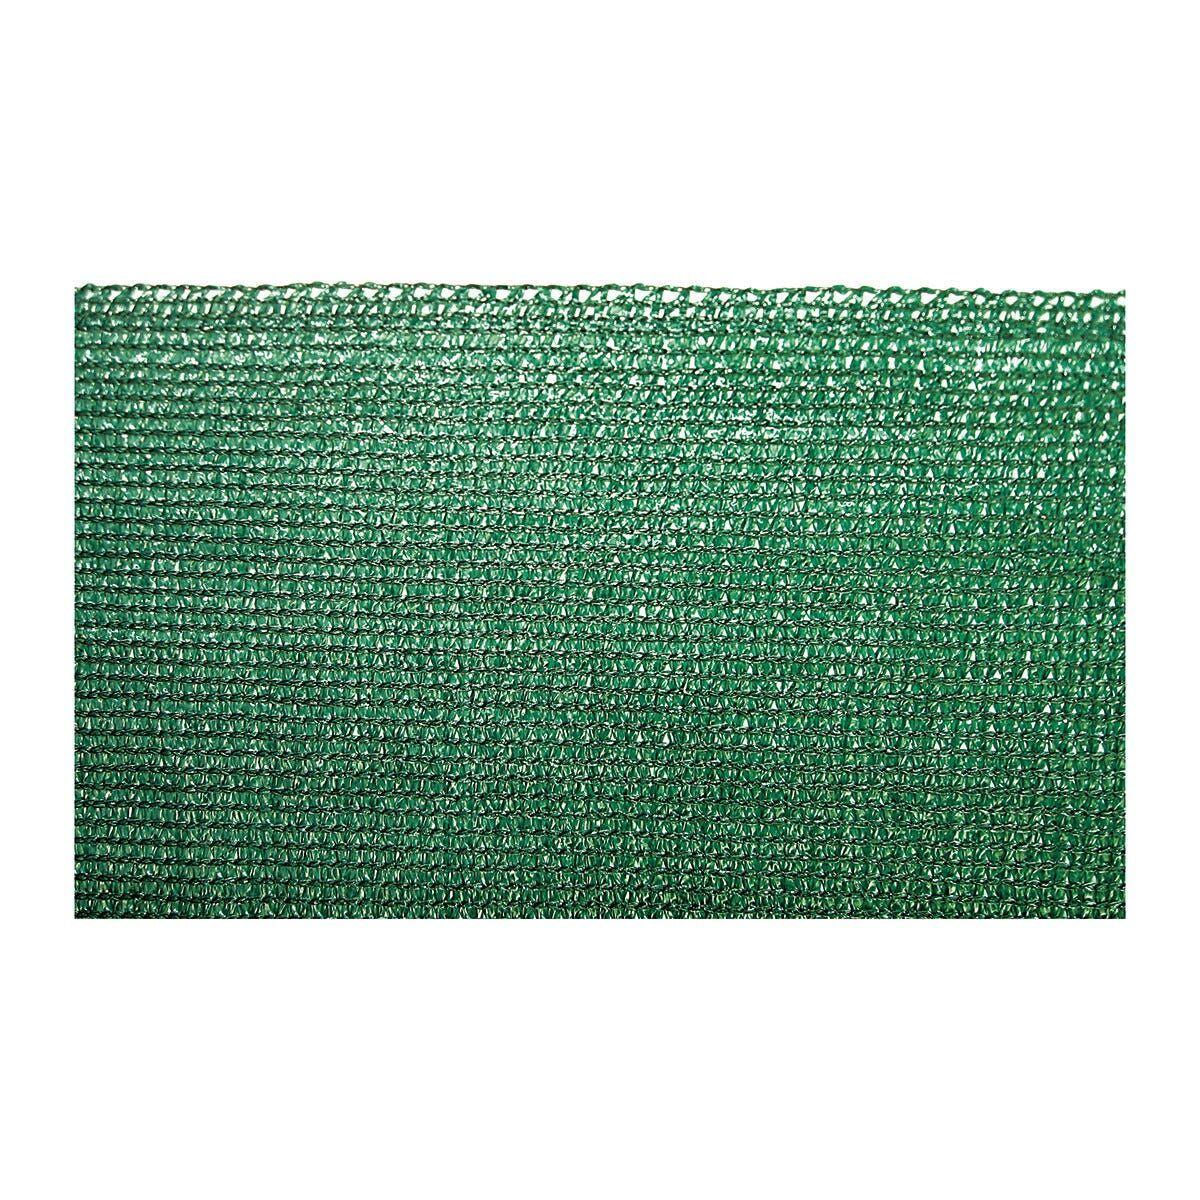 Rete Ombreggiante Full 130 G/m² 2x10 M Ombreggiante 95% Filo In Polietilene